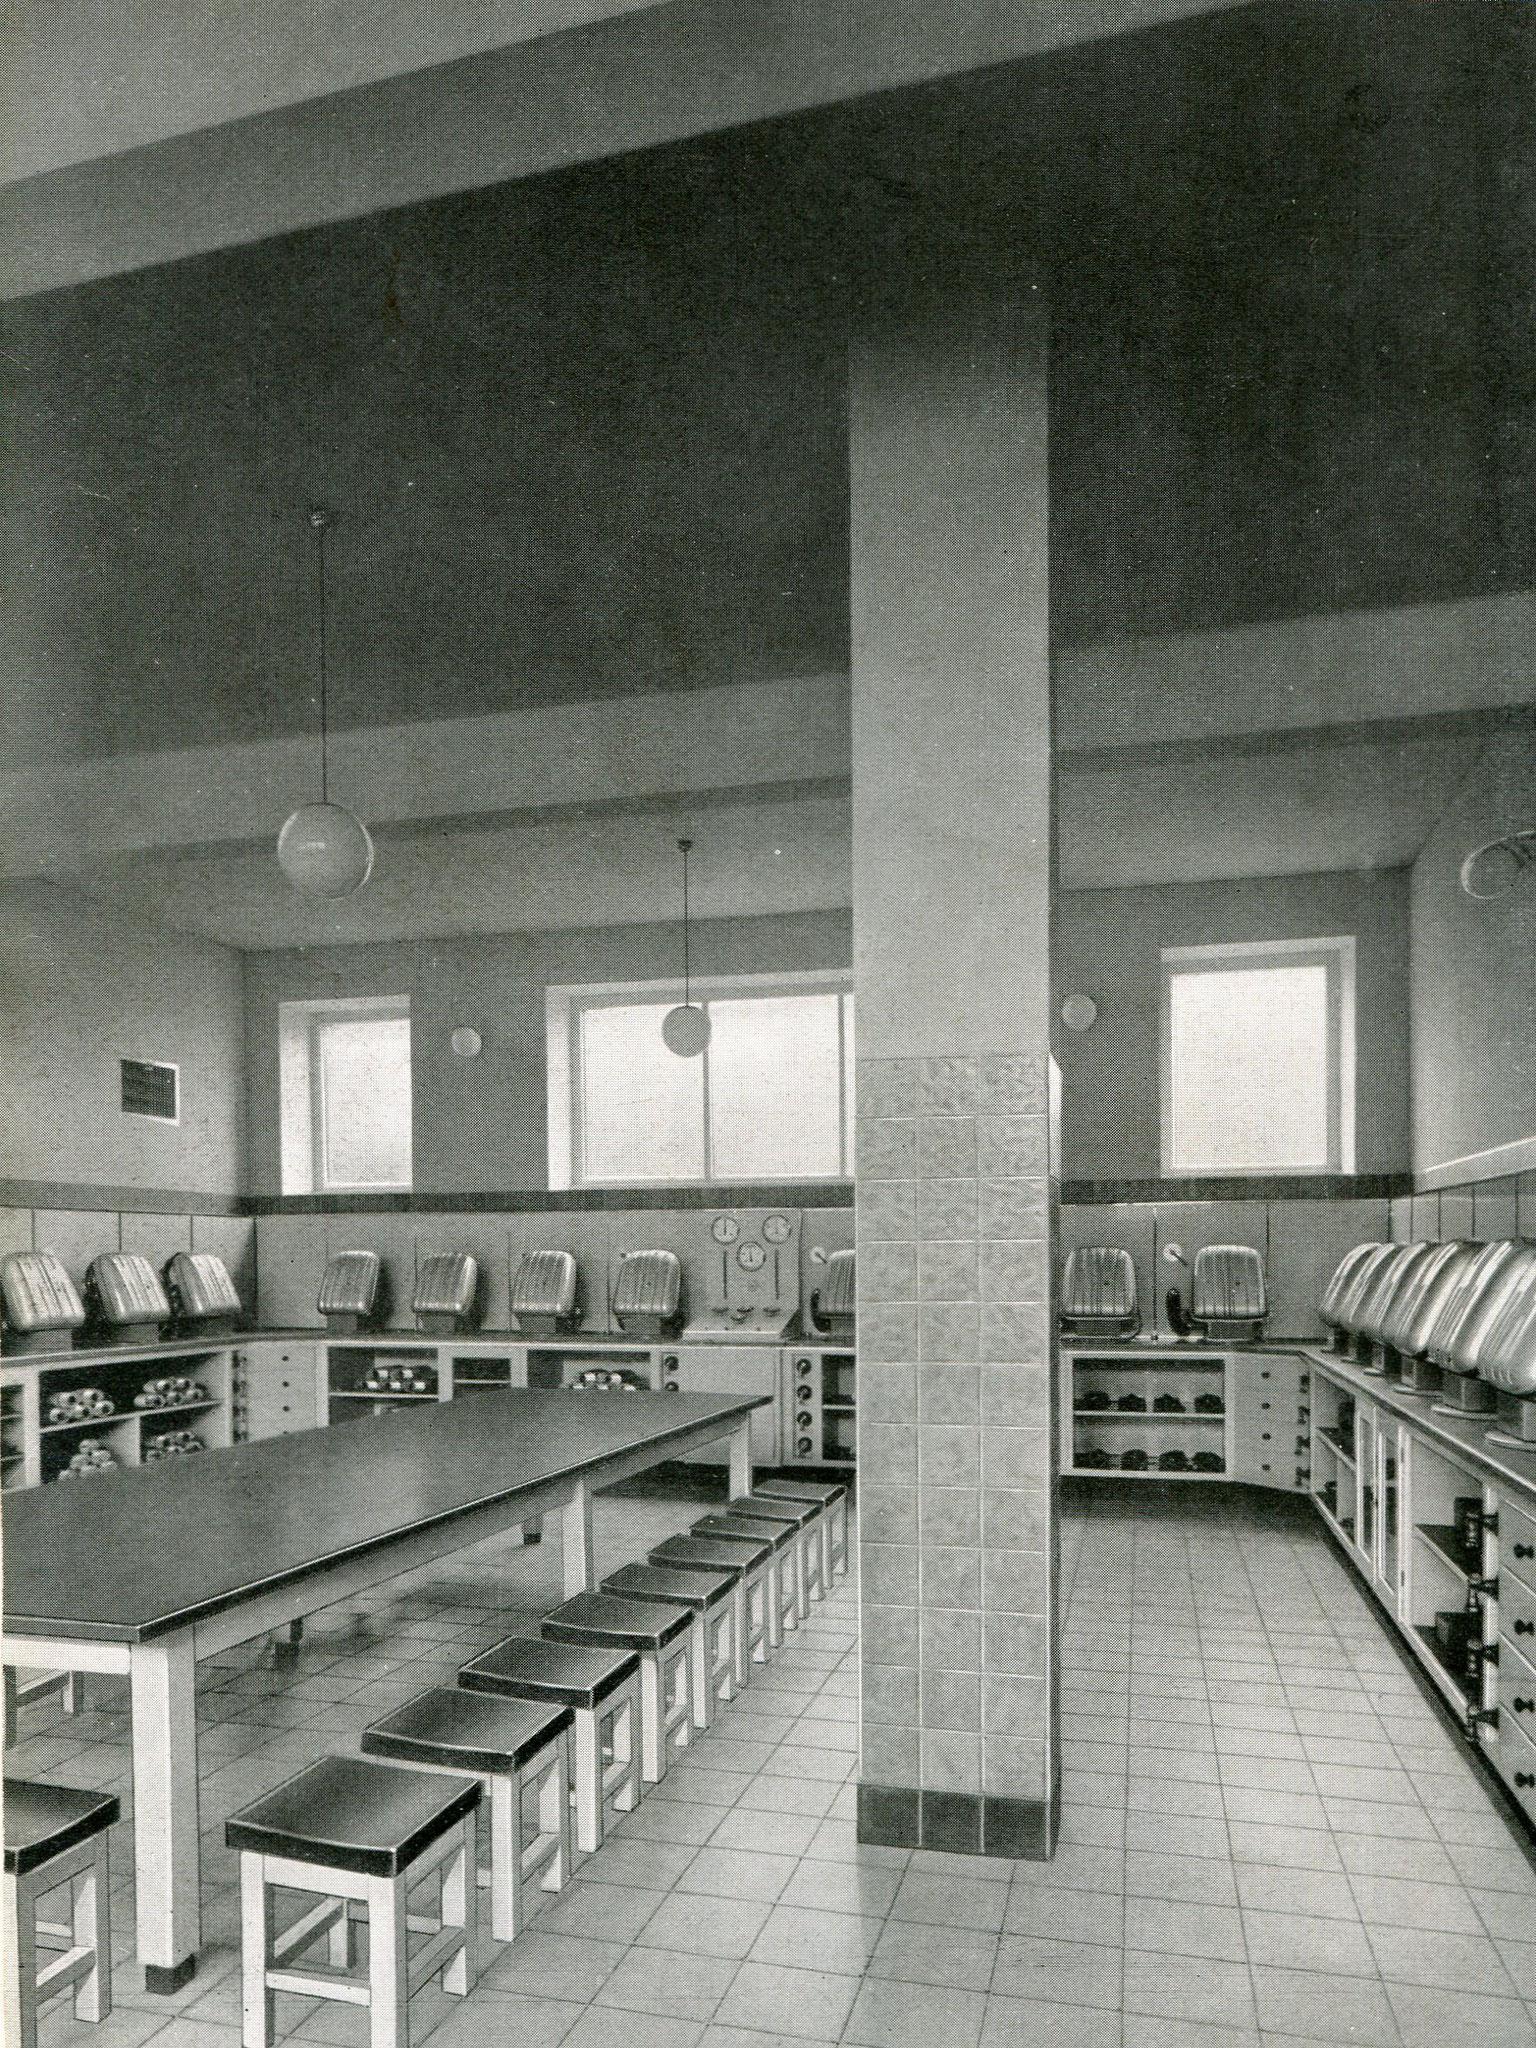 Gasschutzraum Gewerkschaft Emscher-Lippe in Datteln  1938